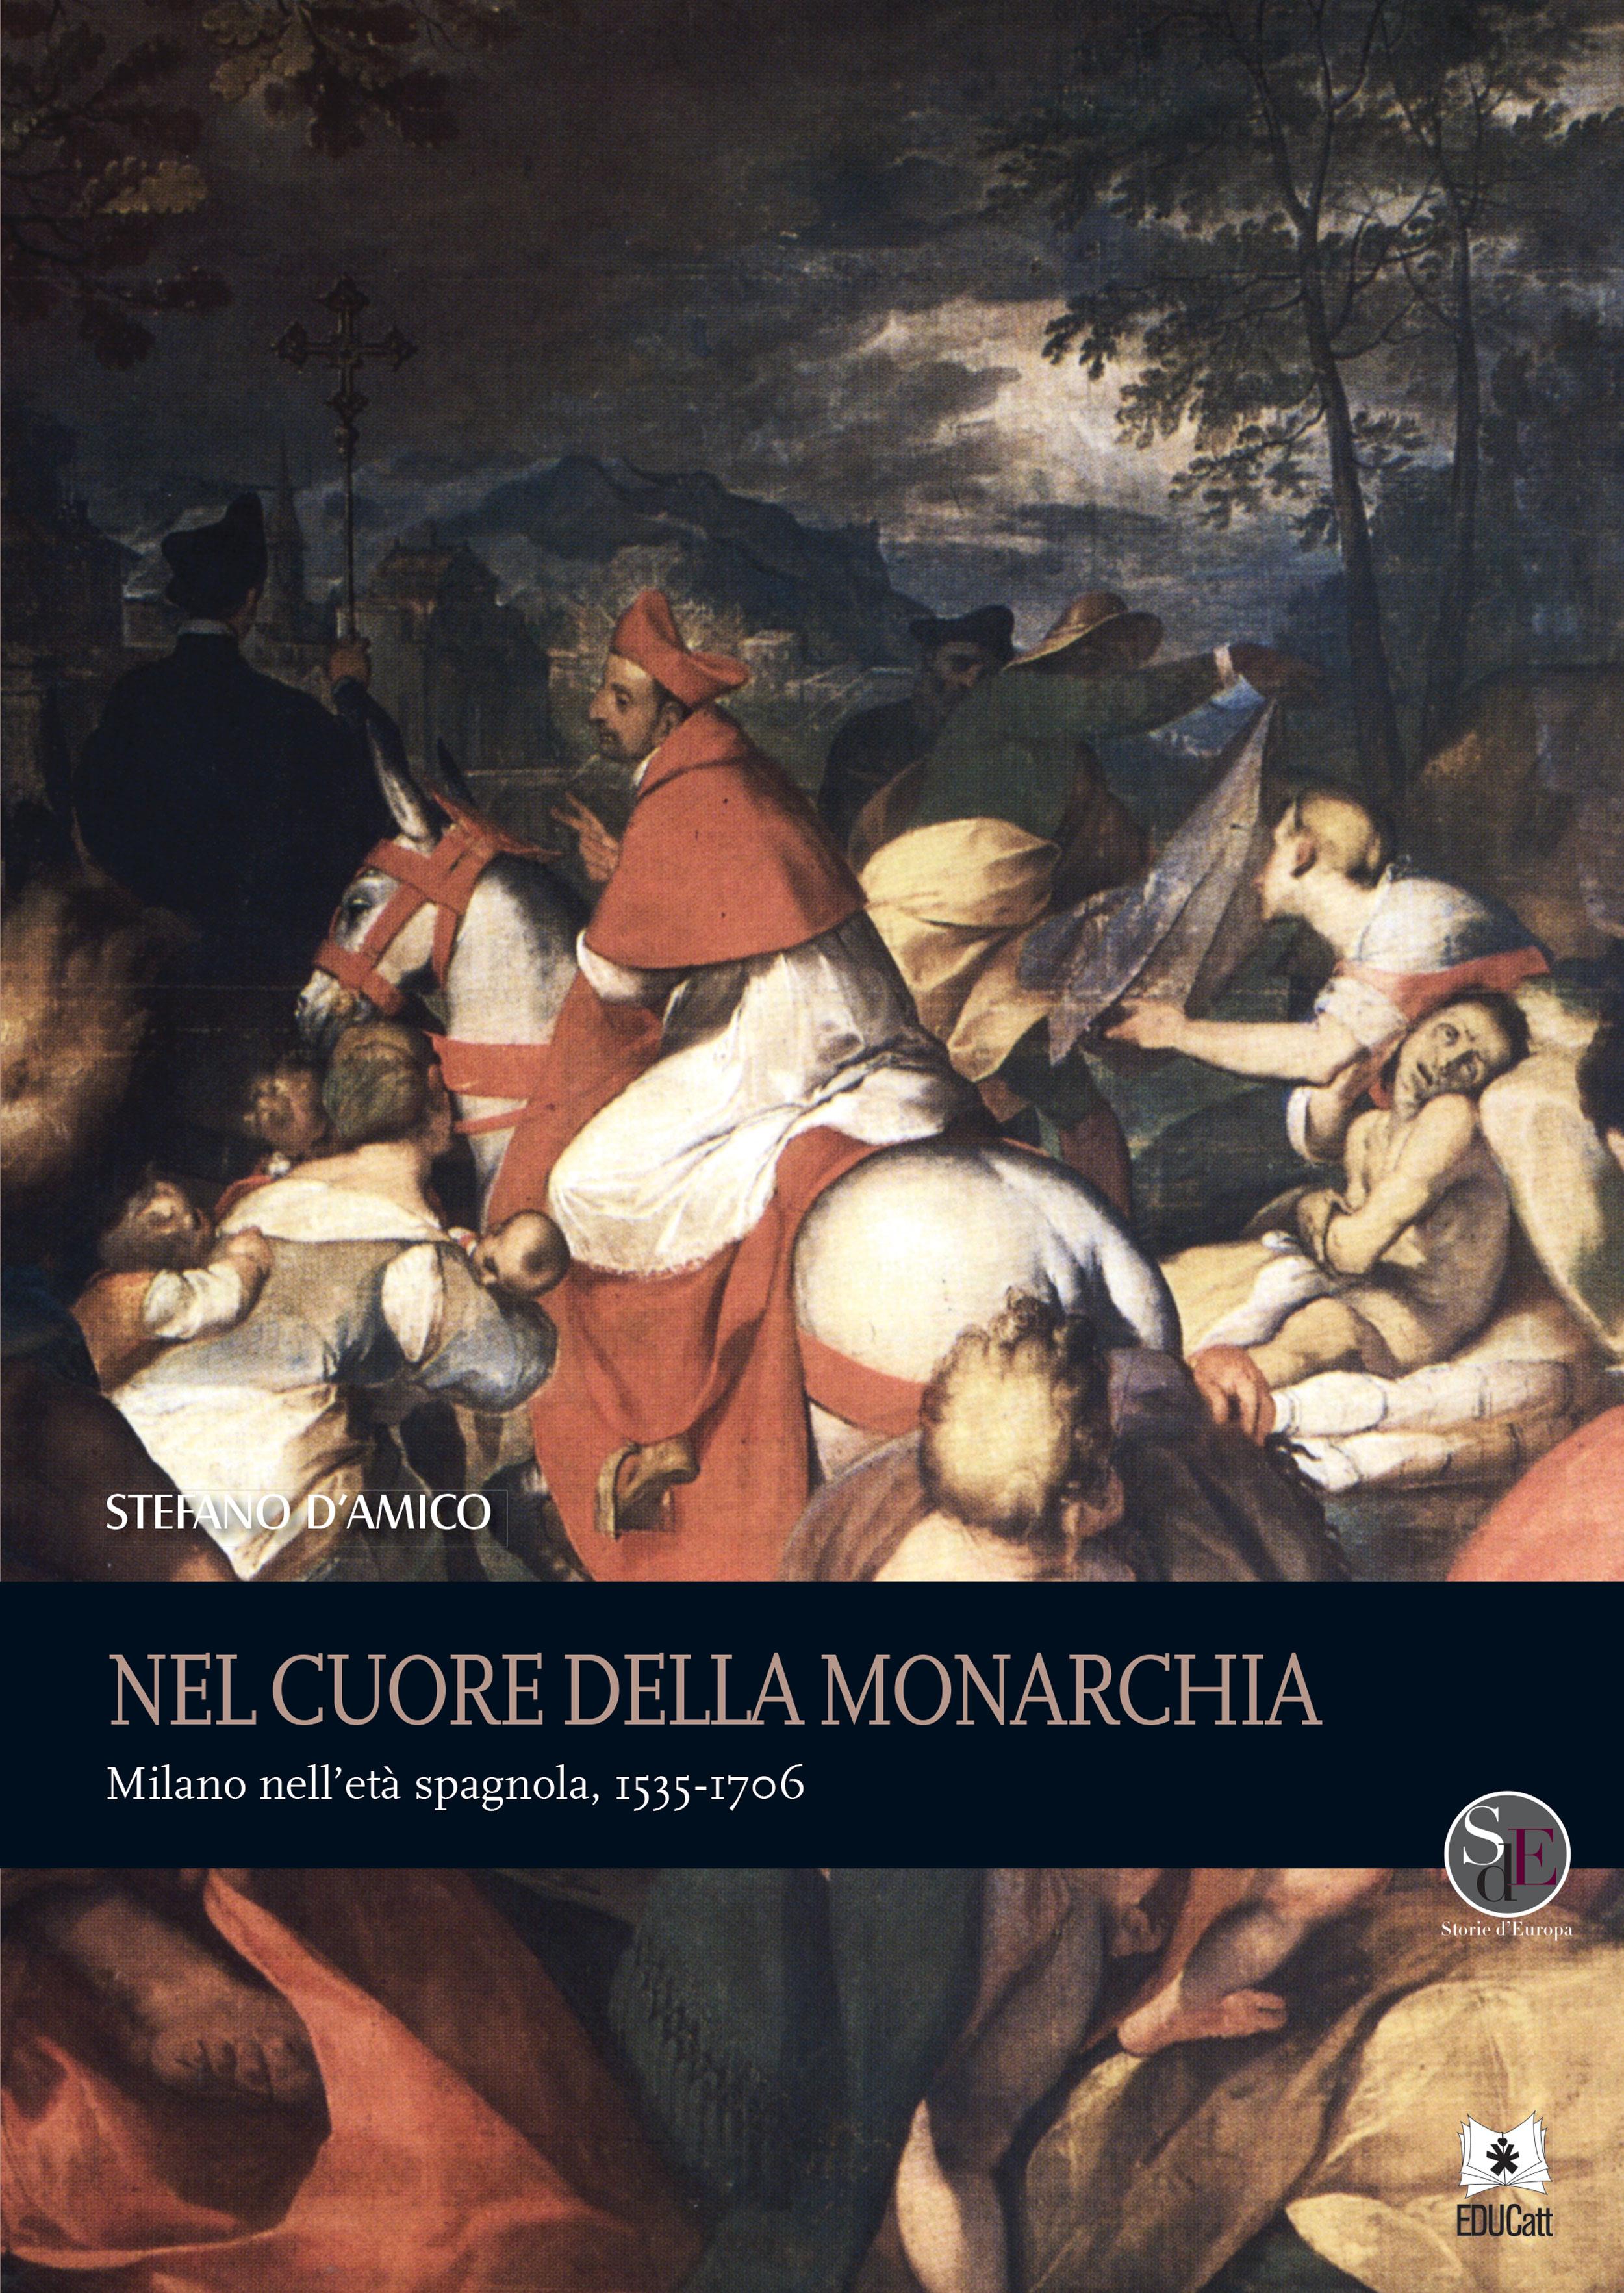 NEL CUORE DELLA MONARCHIA. MILANO NELL'ETA SPAGNOLA, 1535-1706